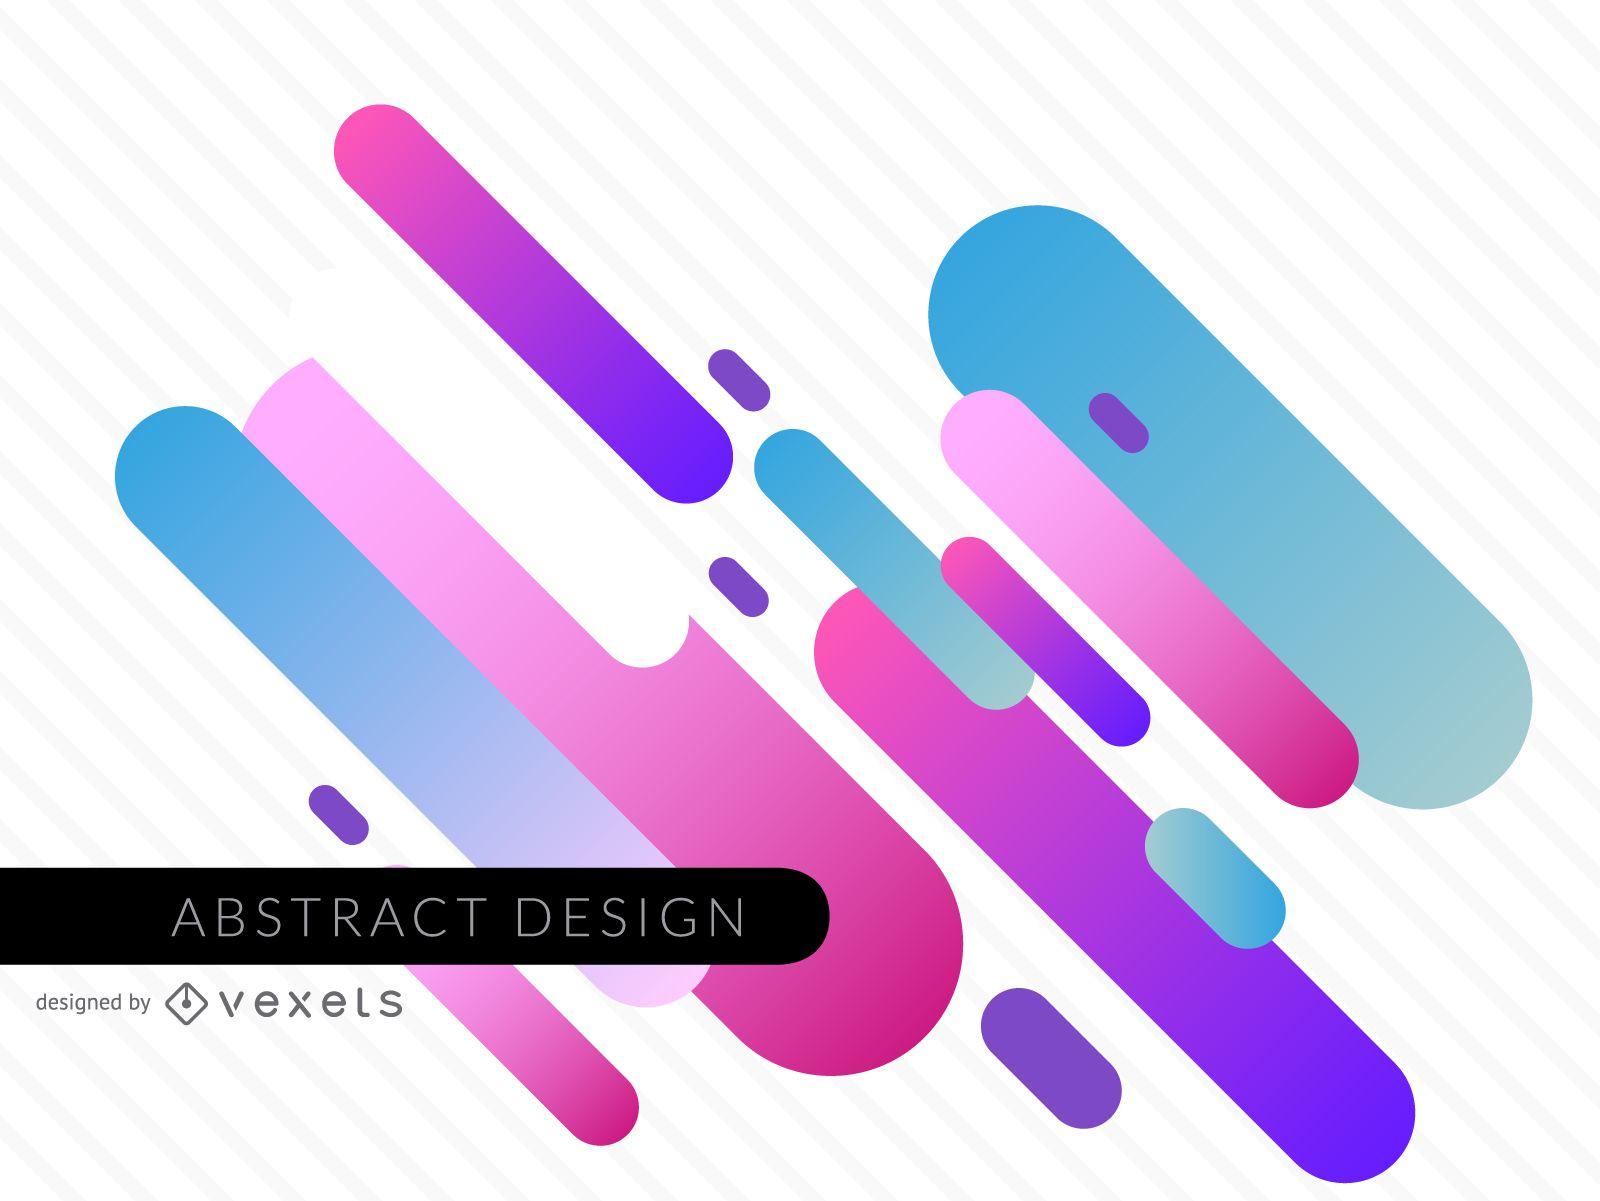 Fondo moderno y abstracto con formas